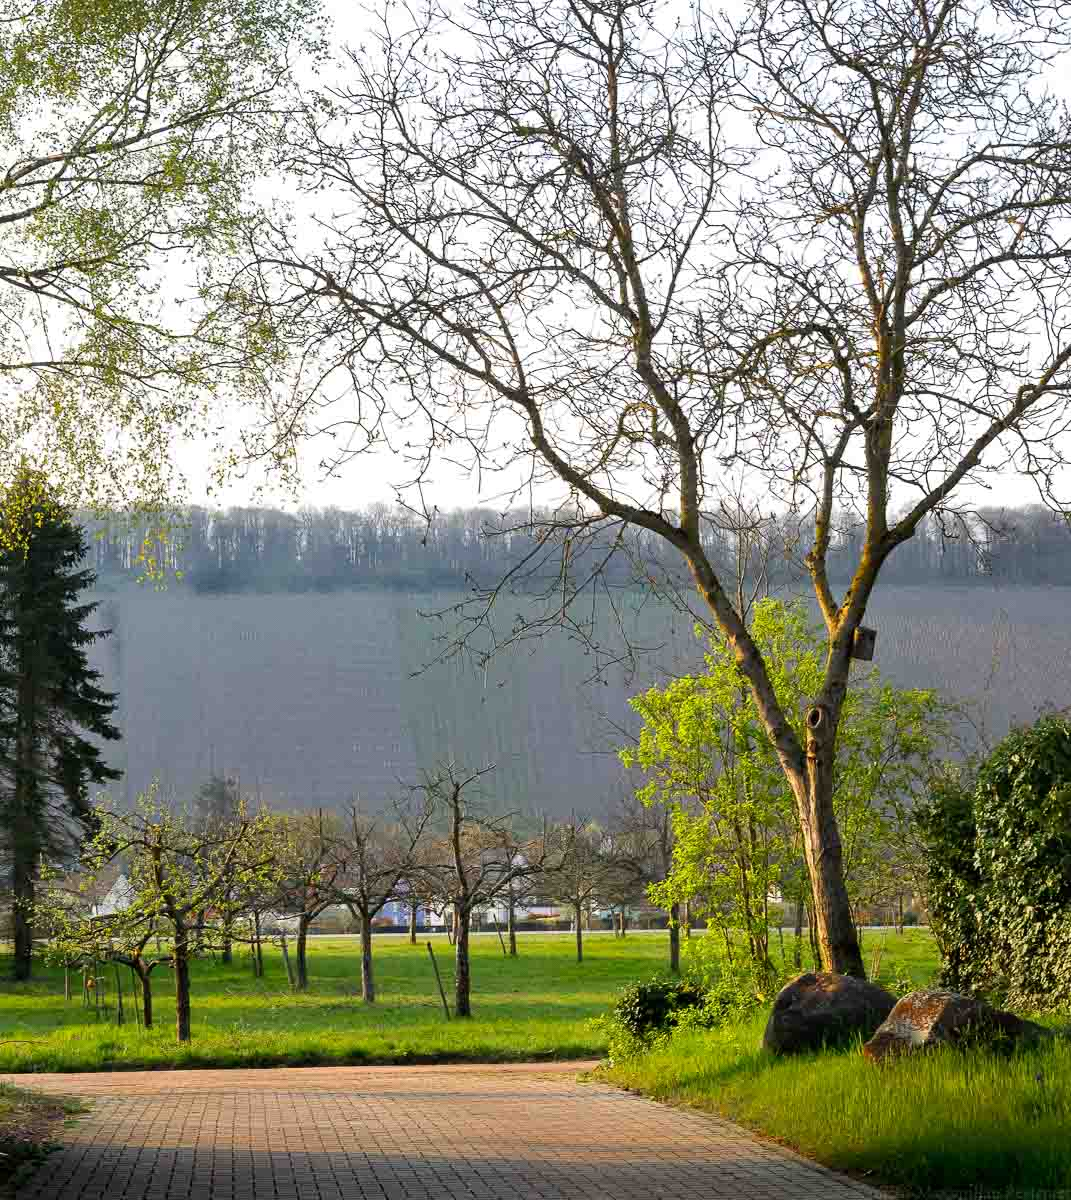 Blick vom Hof des Weingutes Dr. Frey auf Kanzem und den Weinberg Kanzemer Altenberg. Vorne befindet sich ein Weg. Rechts ist ein Baum auf einer Wiese mit Steinen.